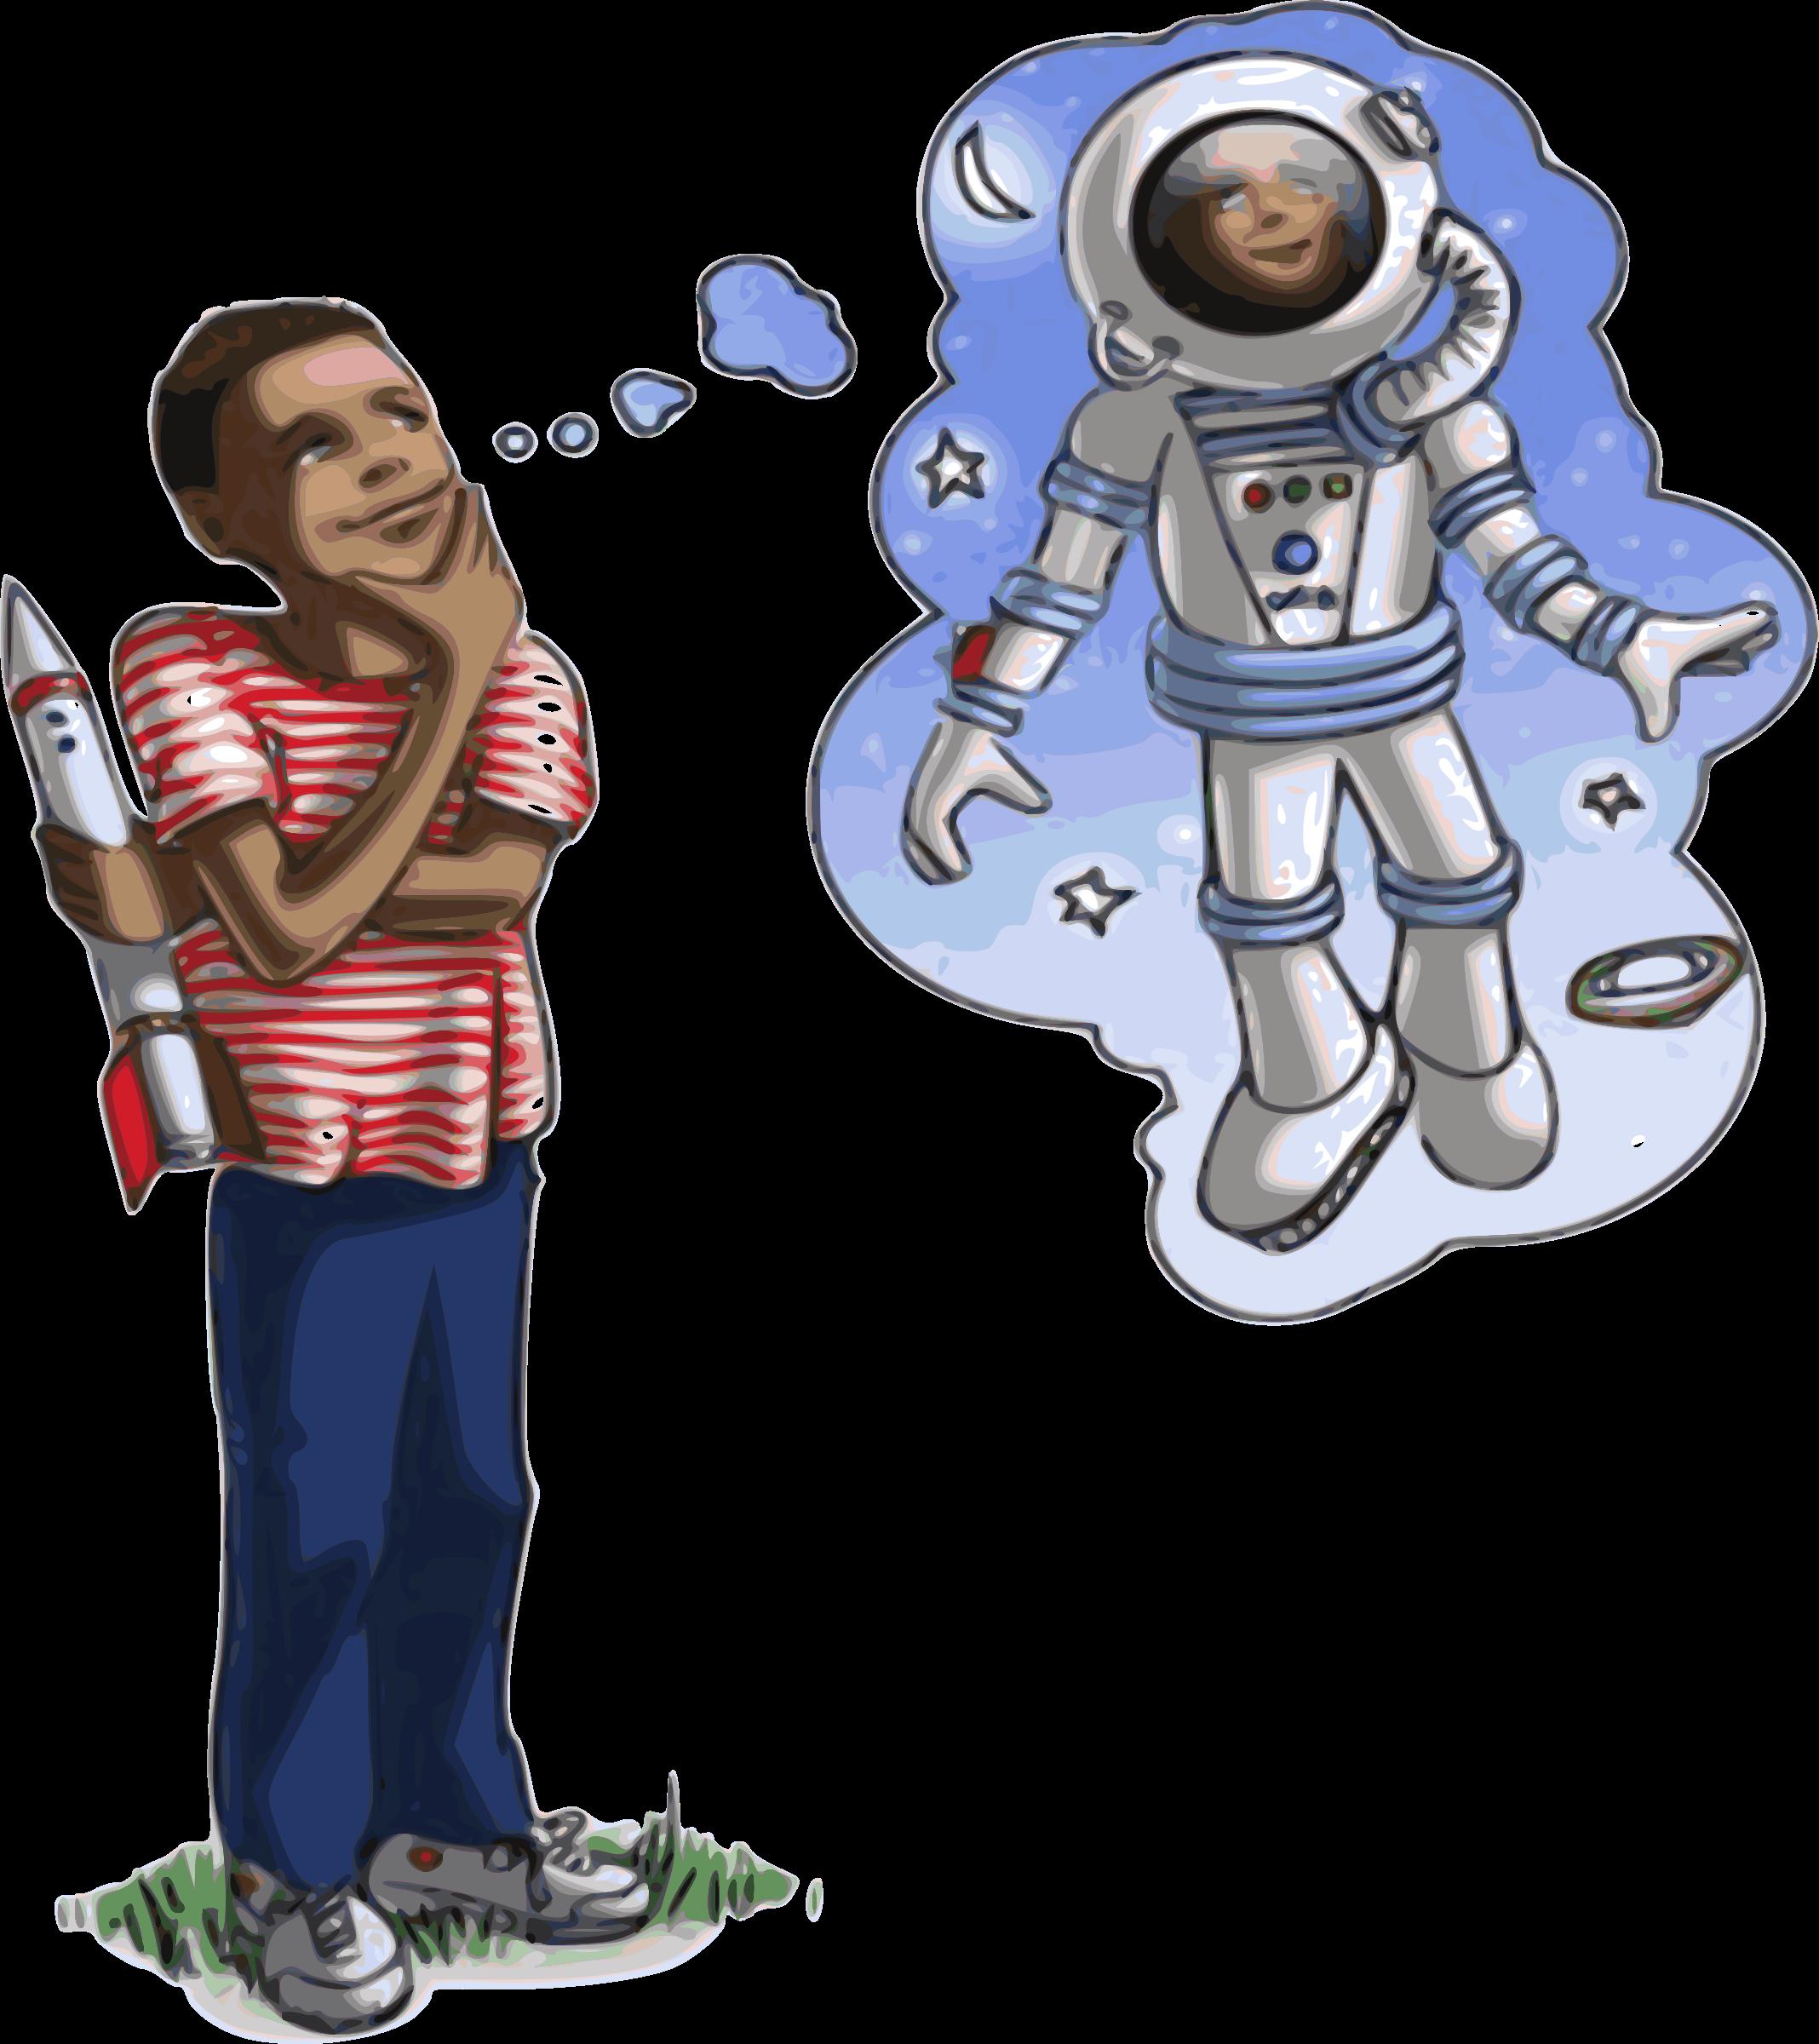 Astronaut dreams big image. Future clipart future dream